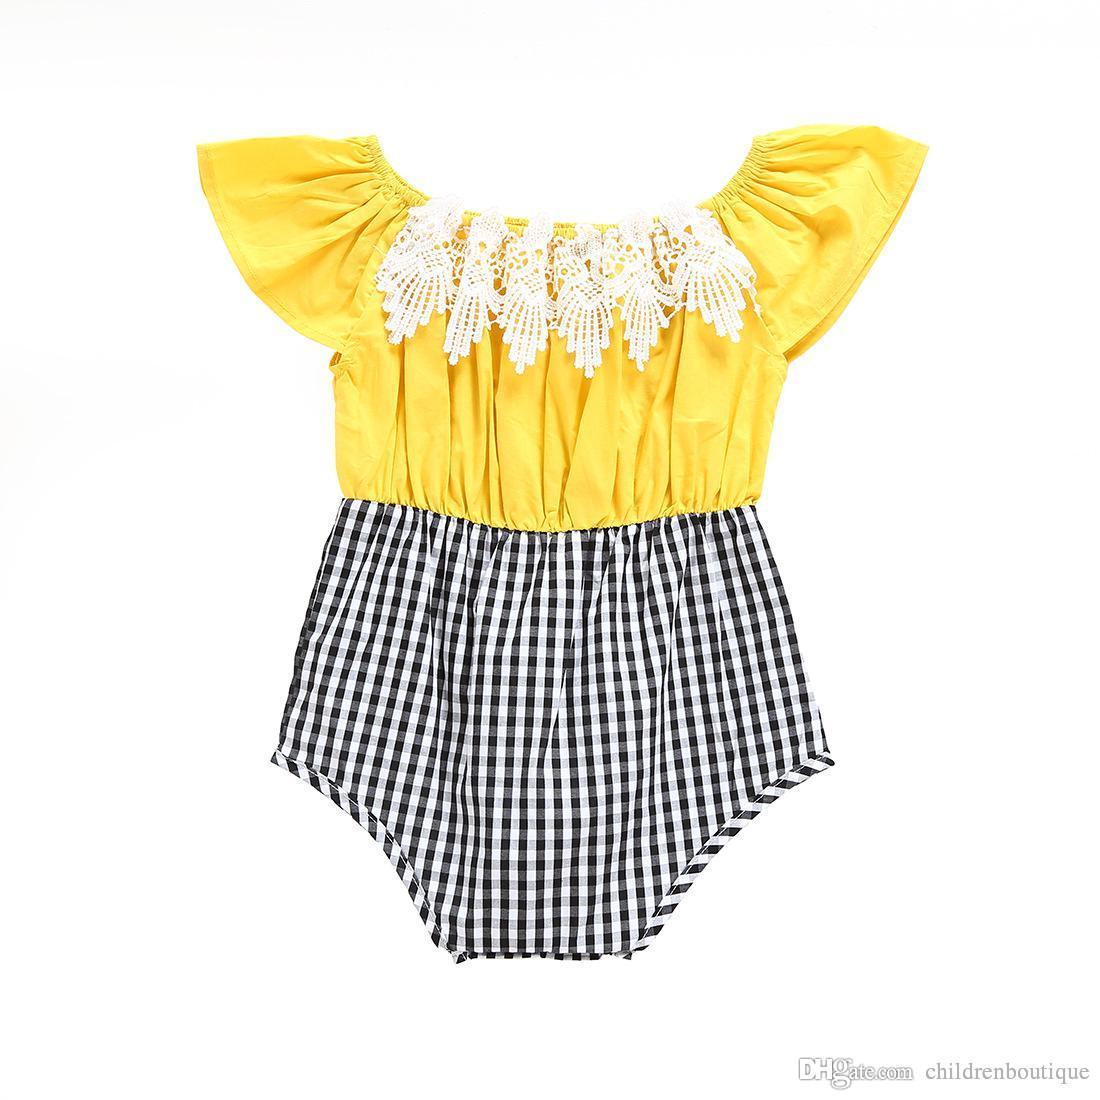 2018 Novo Bebê Meninas Macacão Floral Lace Patchwork Xadrez Romper Infantil Roupas Infantis Meninas Macacão de Algodão Sem Mangas Outfits Sunsuit 0-24M